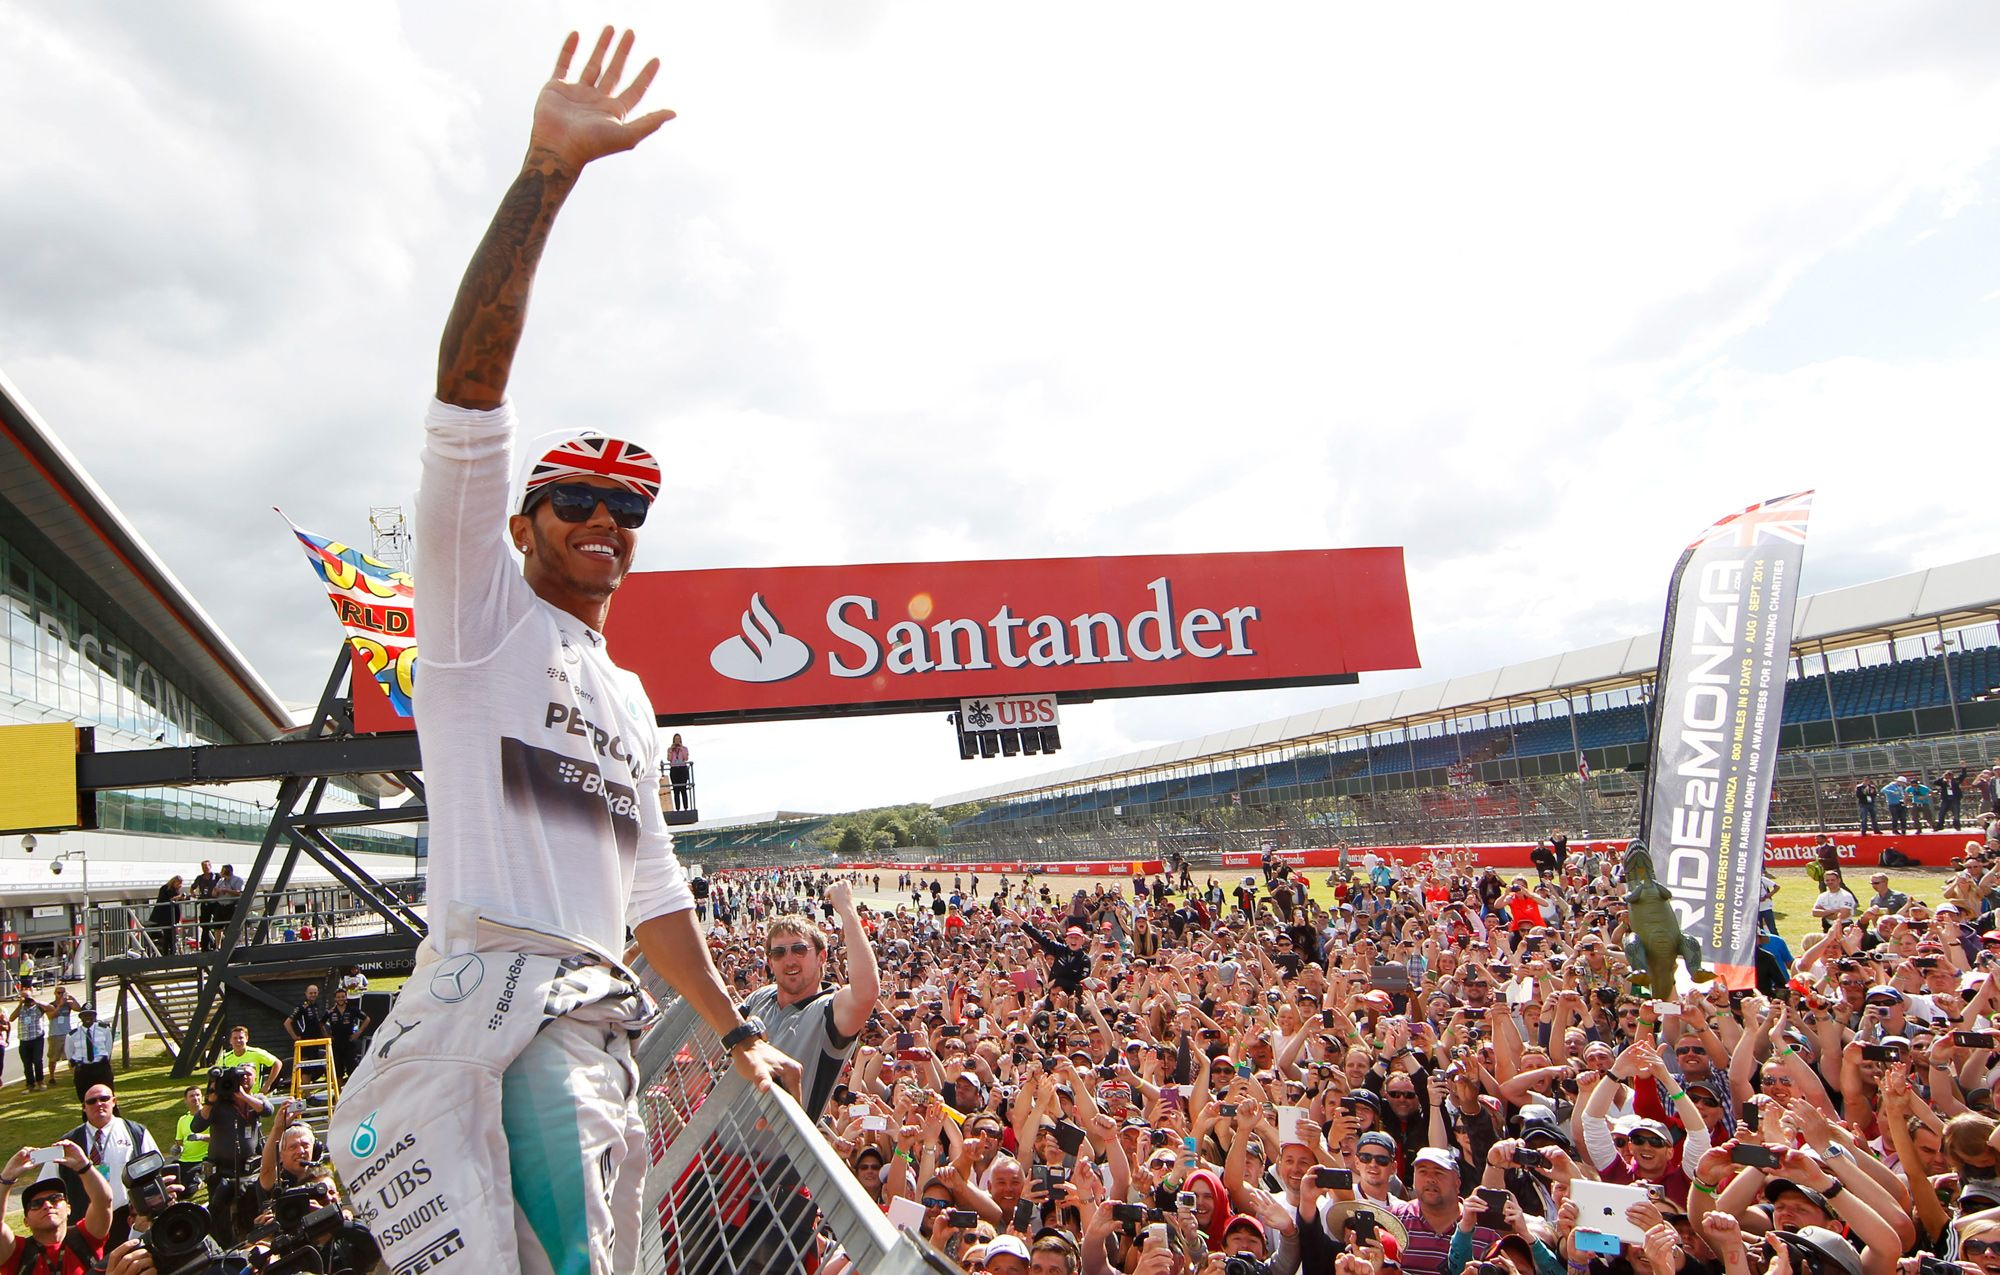 Lewis Hamilton pozdravlja oduševljenu publike nakon pobjede na Silverstoneu (6.7.2014.) Foto: Ausmotive